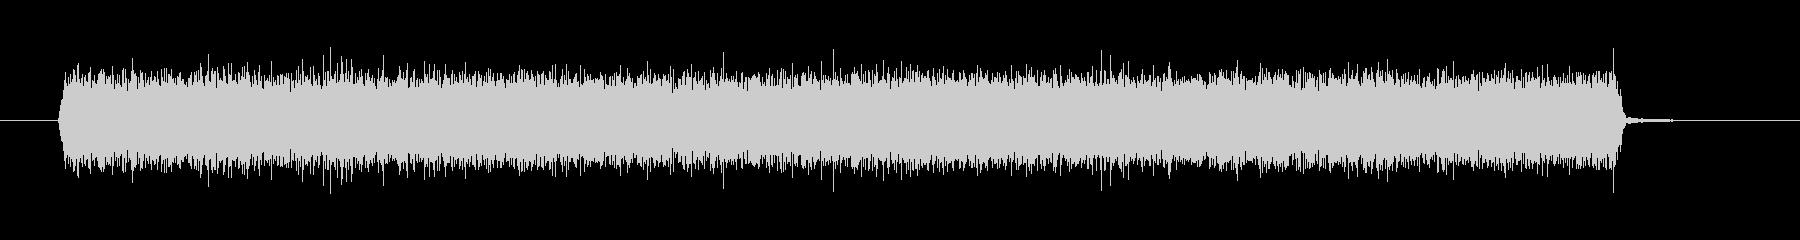 導火線/引火/ジジジ…/爆弾の未再生の波形